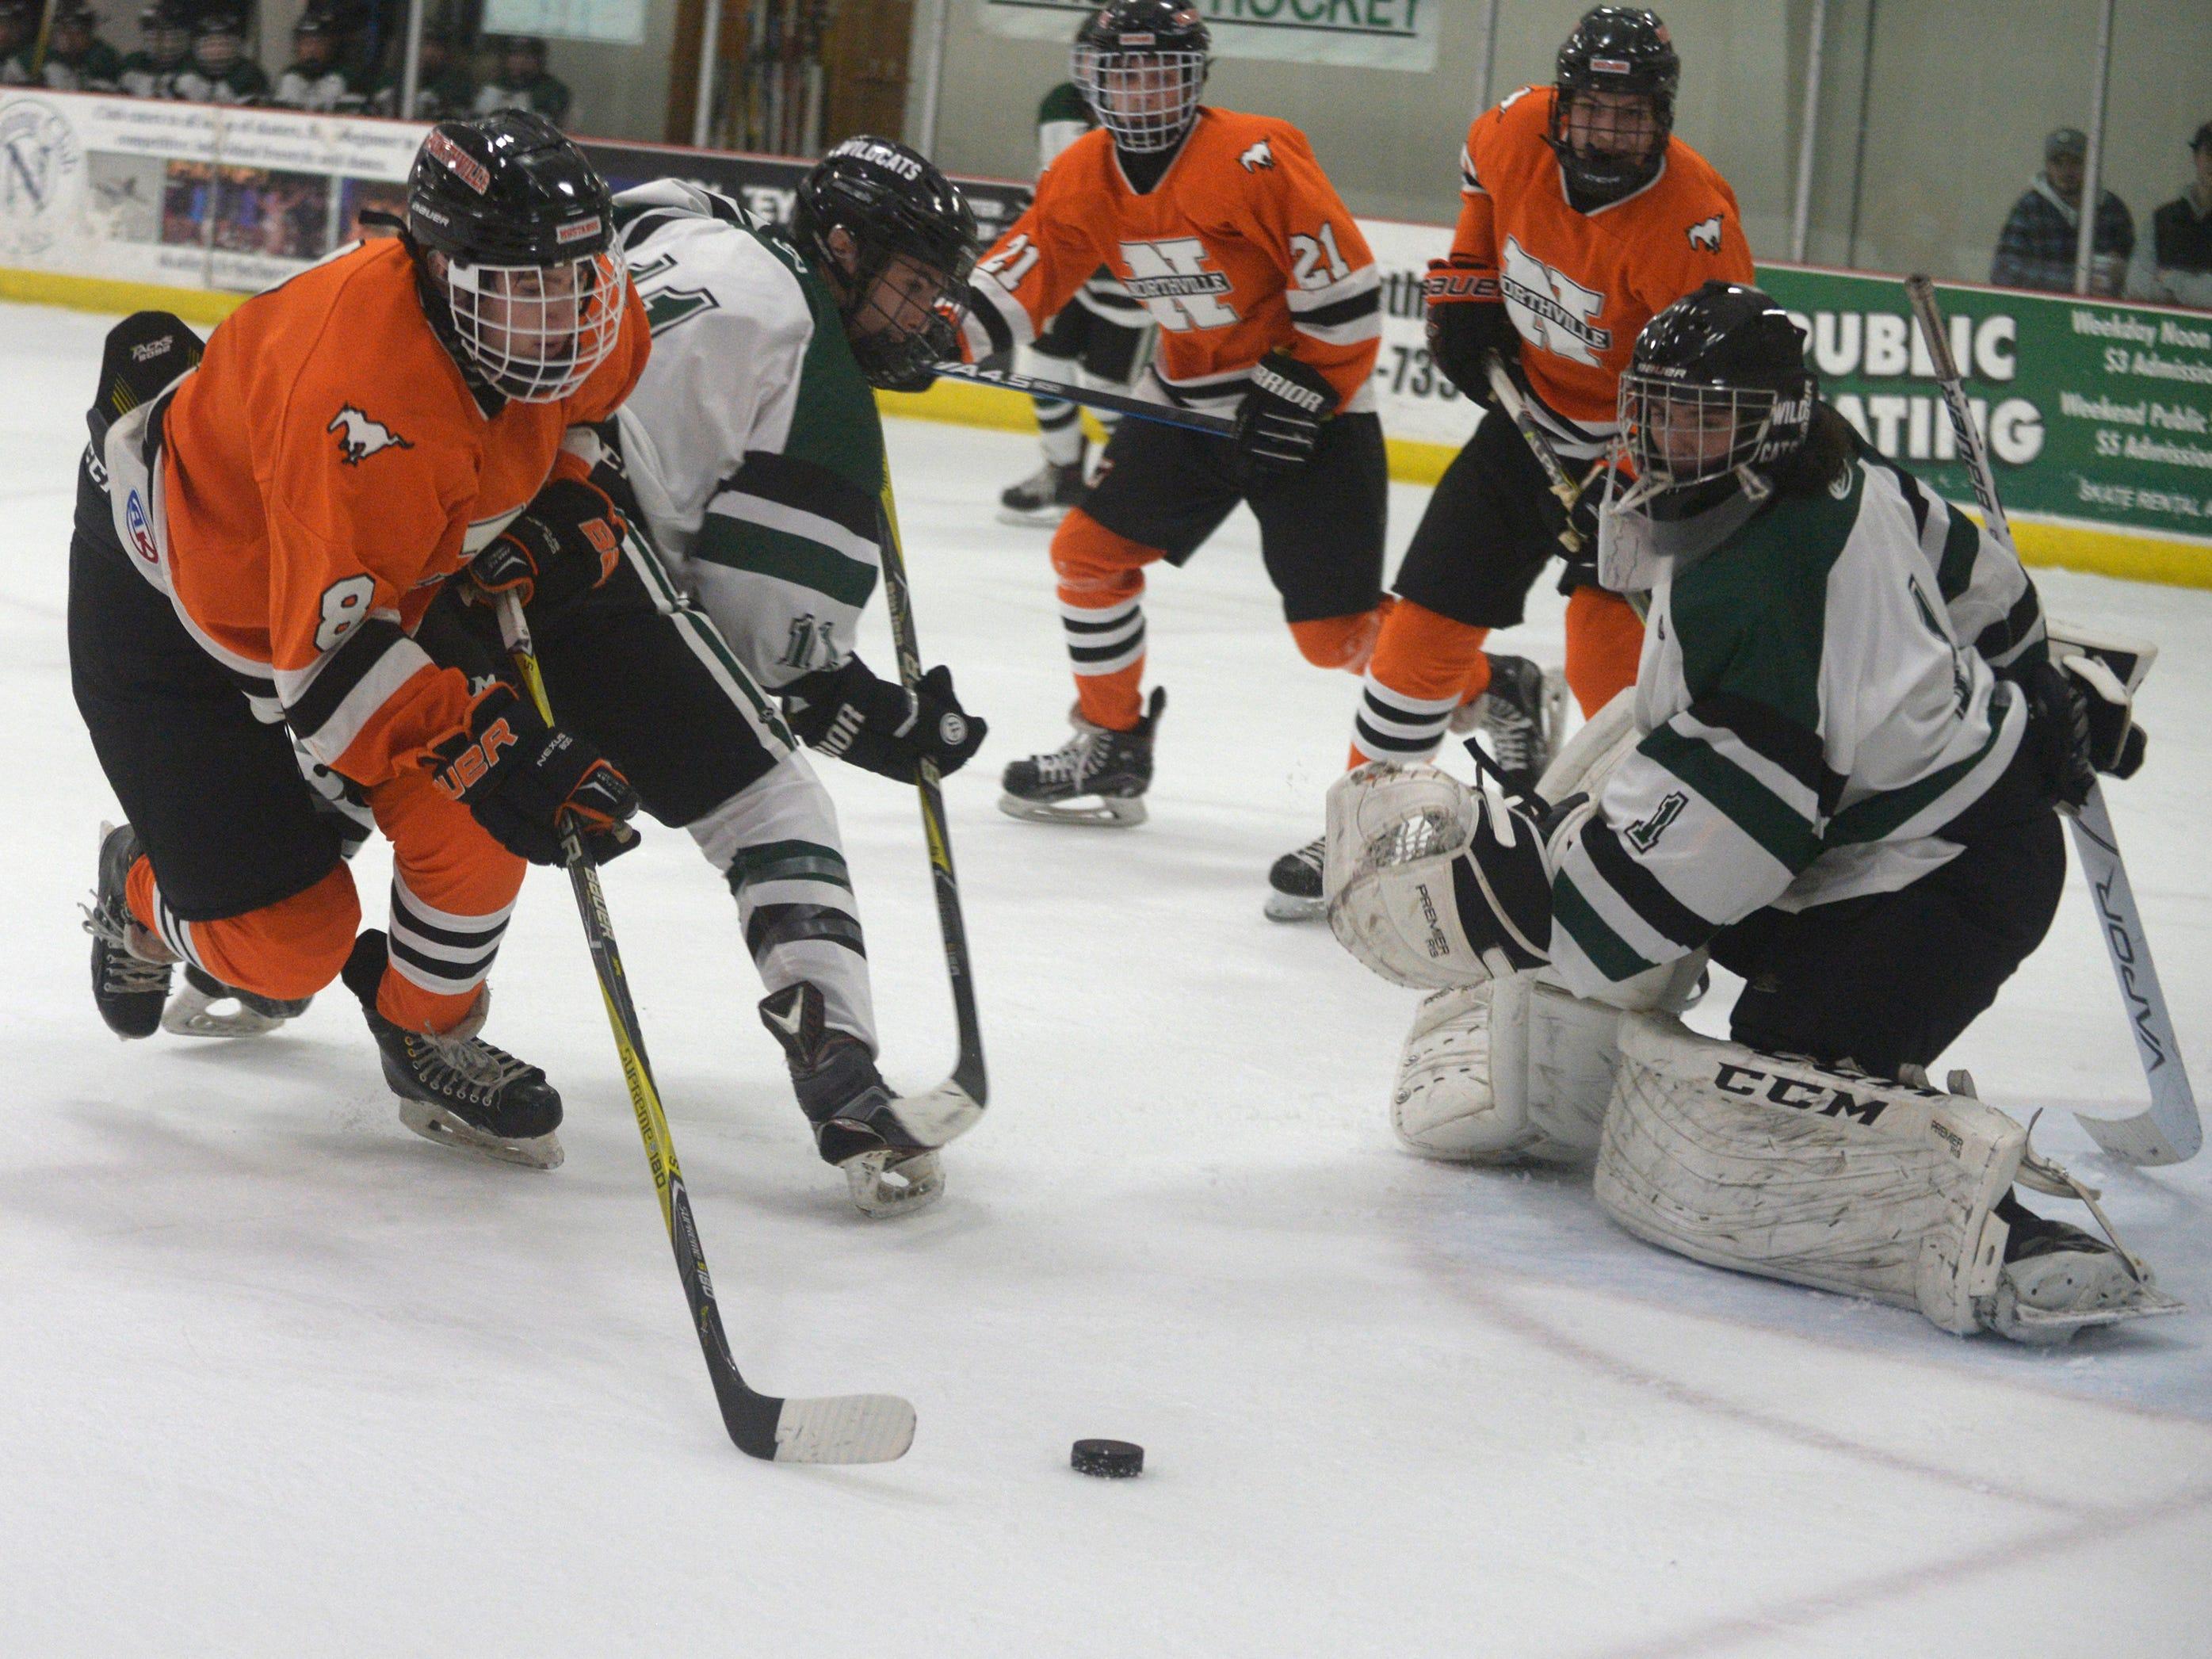 Northville vs. Novi boys hockey